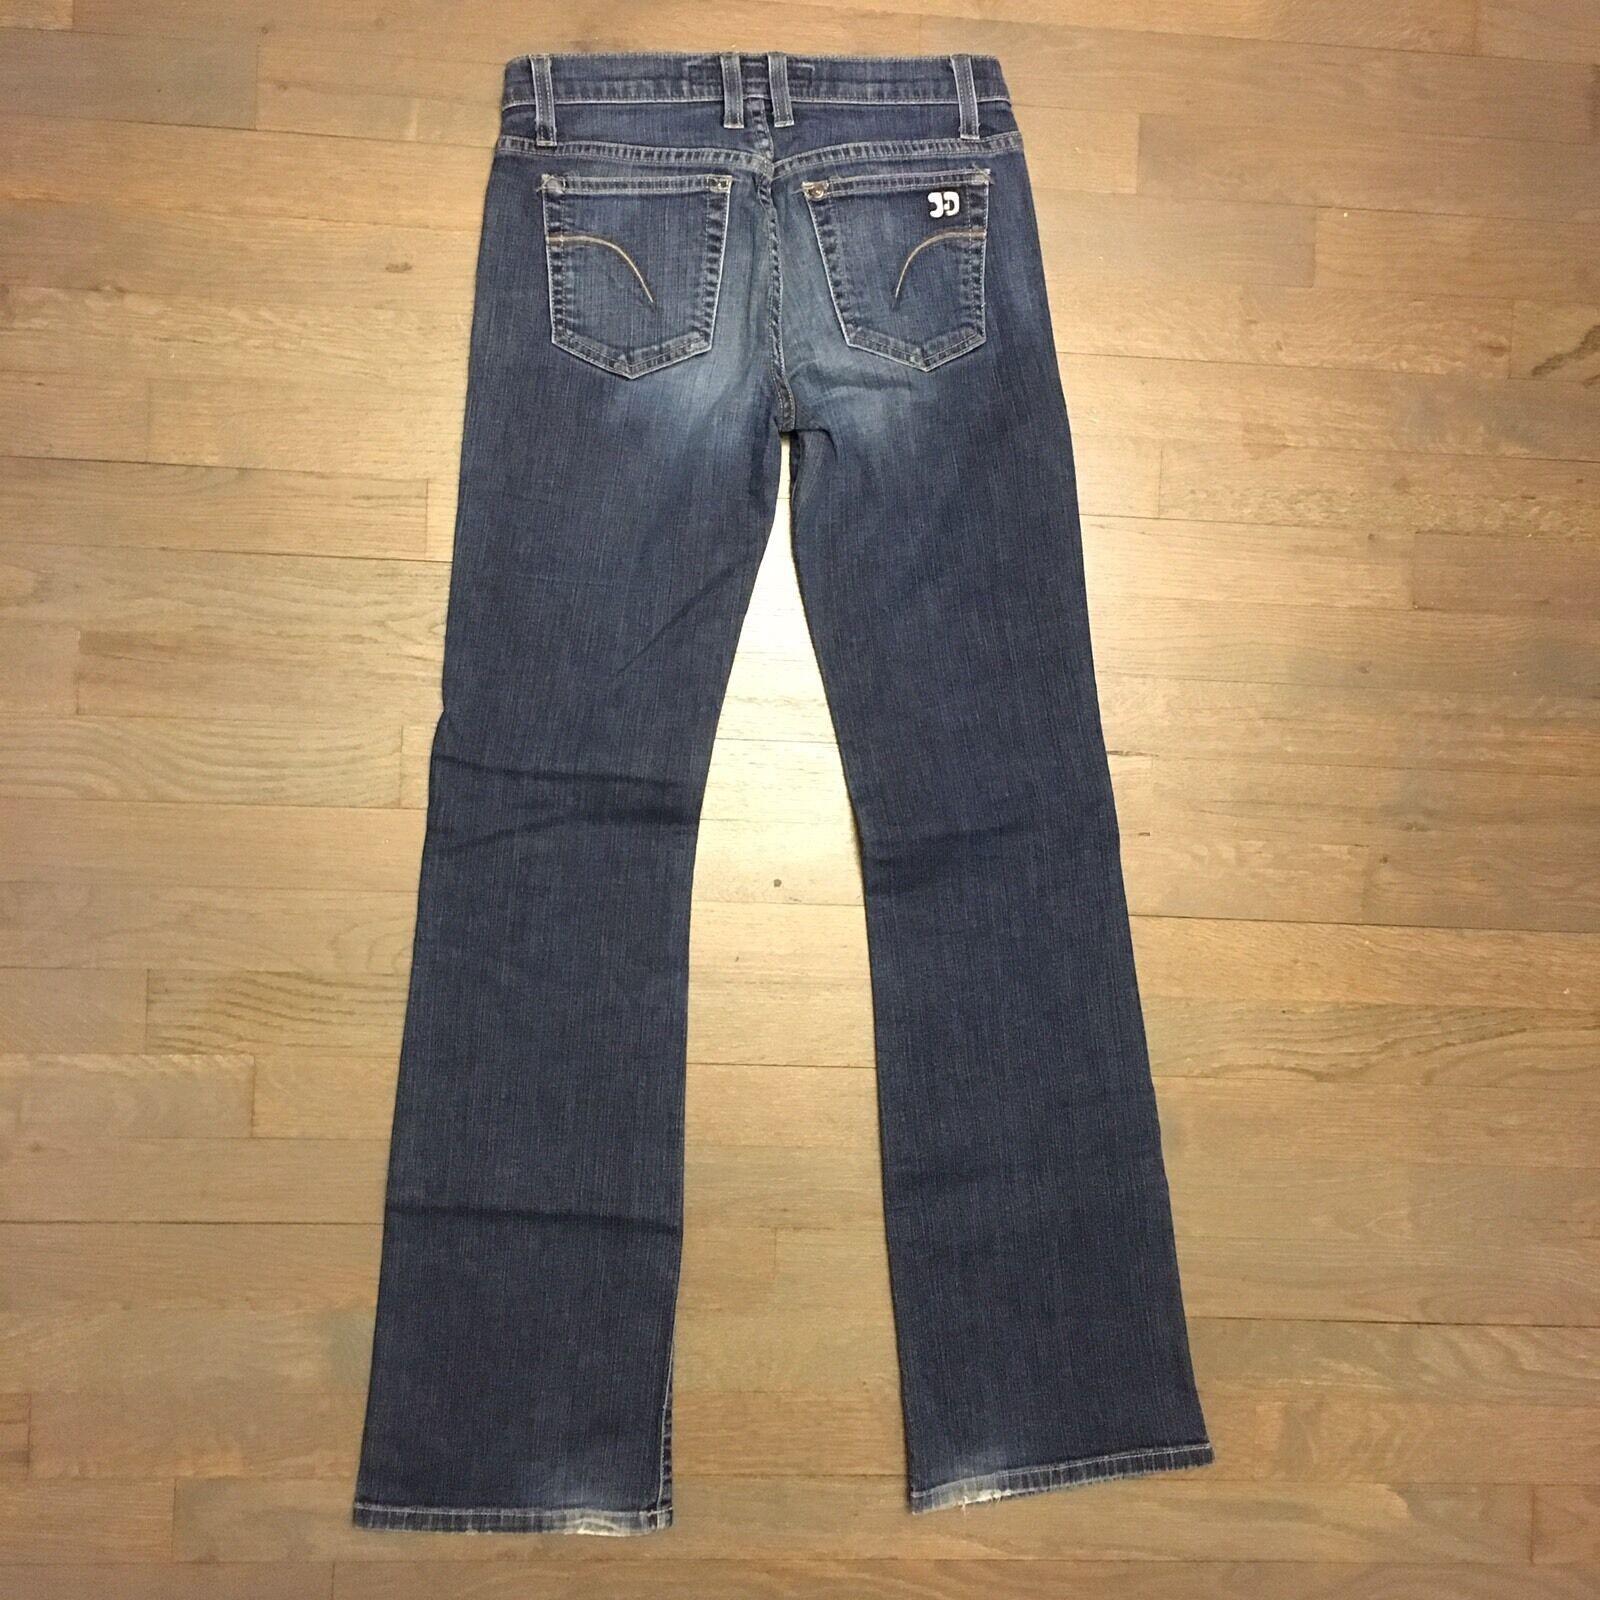 JOE'S Jeans Honey Kennedy Boot Cut Denim Woman's 27 Inseam 32 MSRP  185